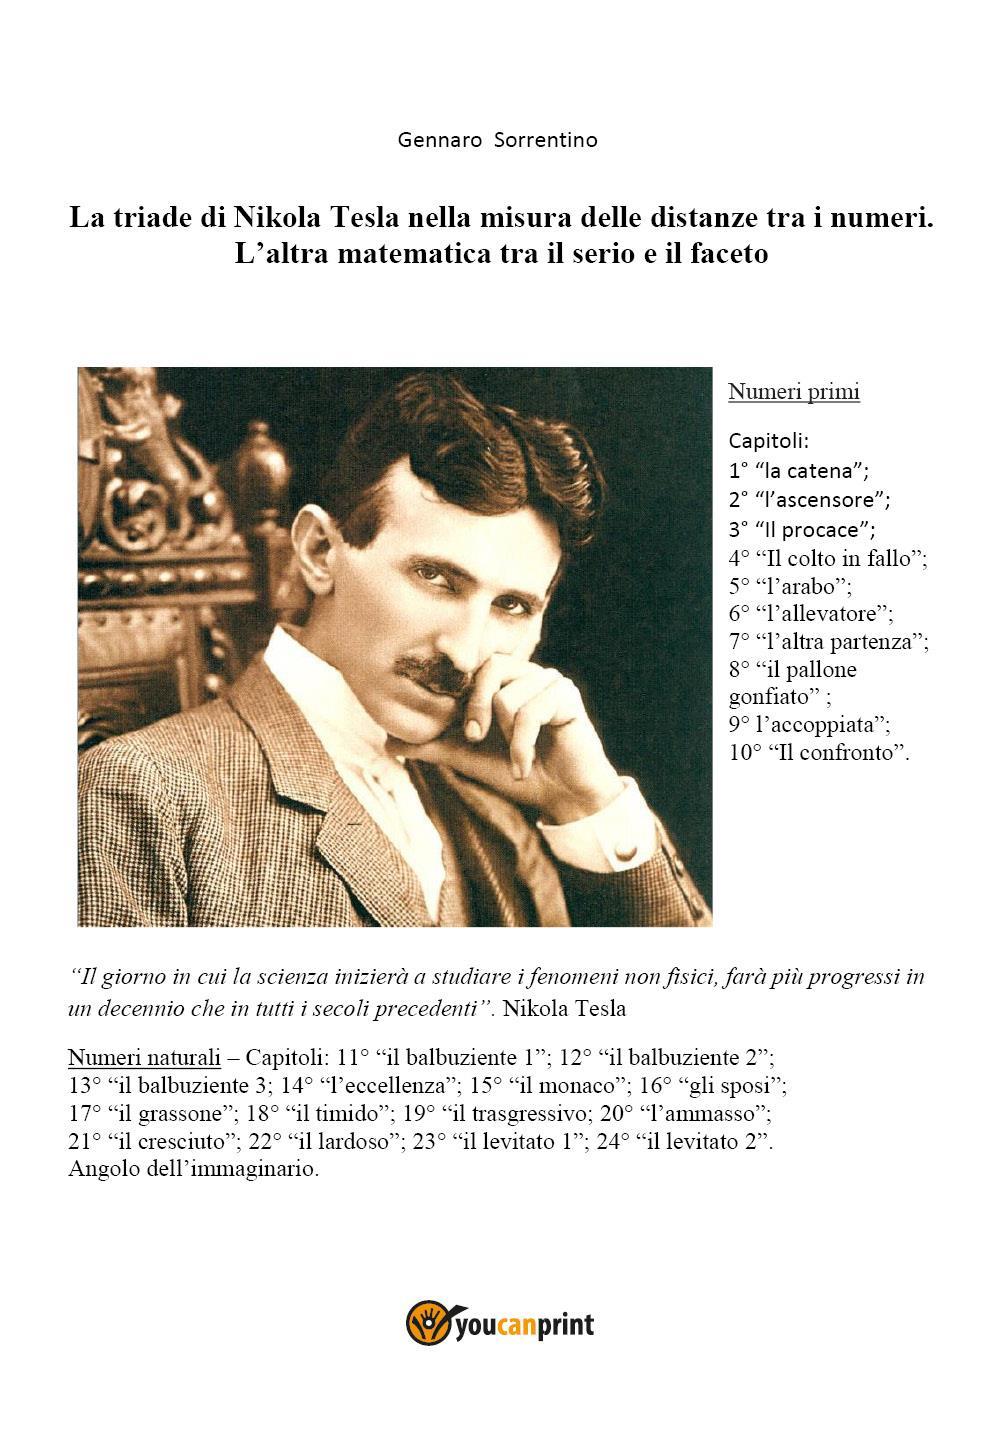 La triade di Nikola Tesla nella misura delle distanze tra i numeri